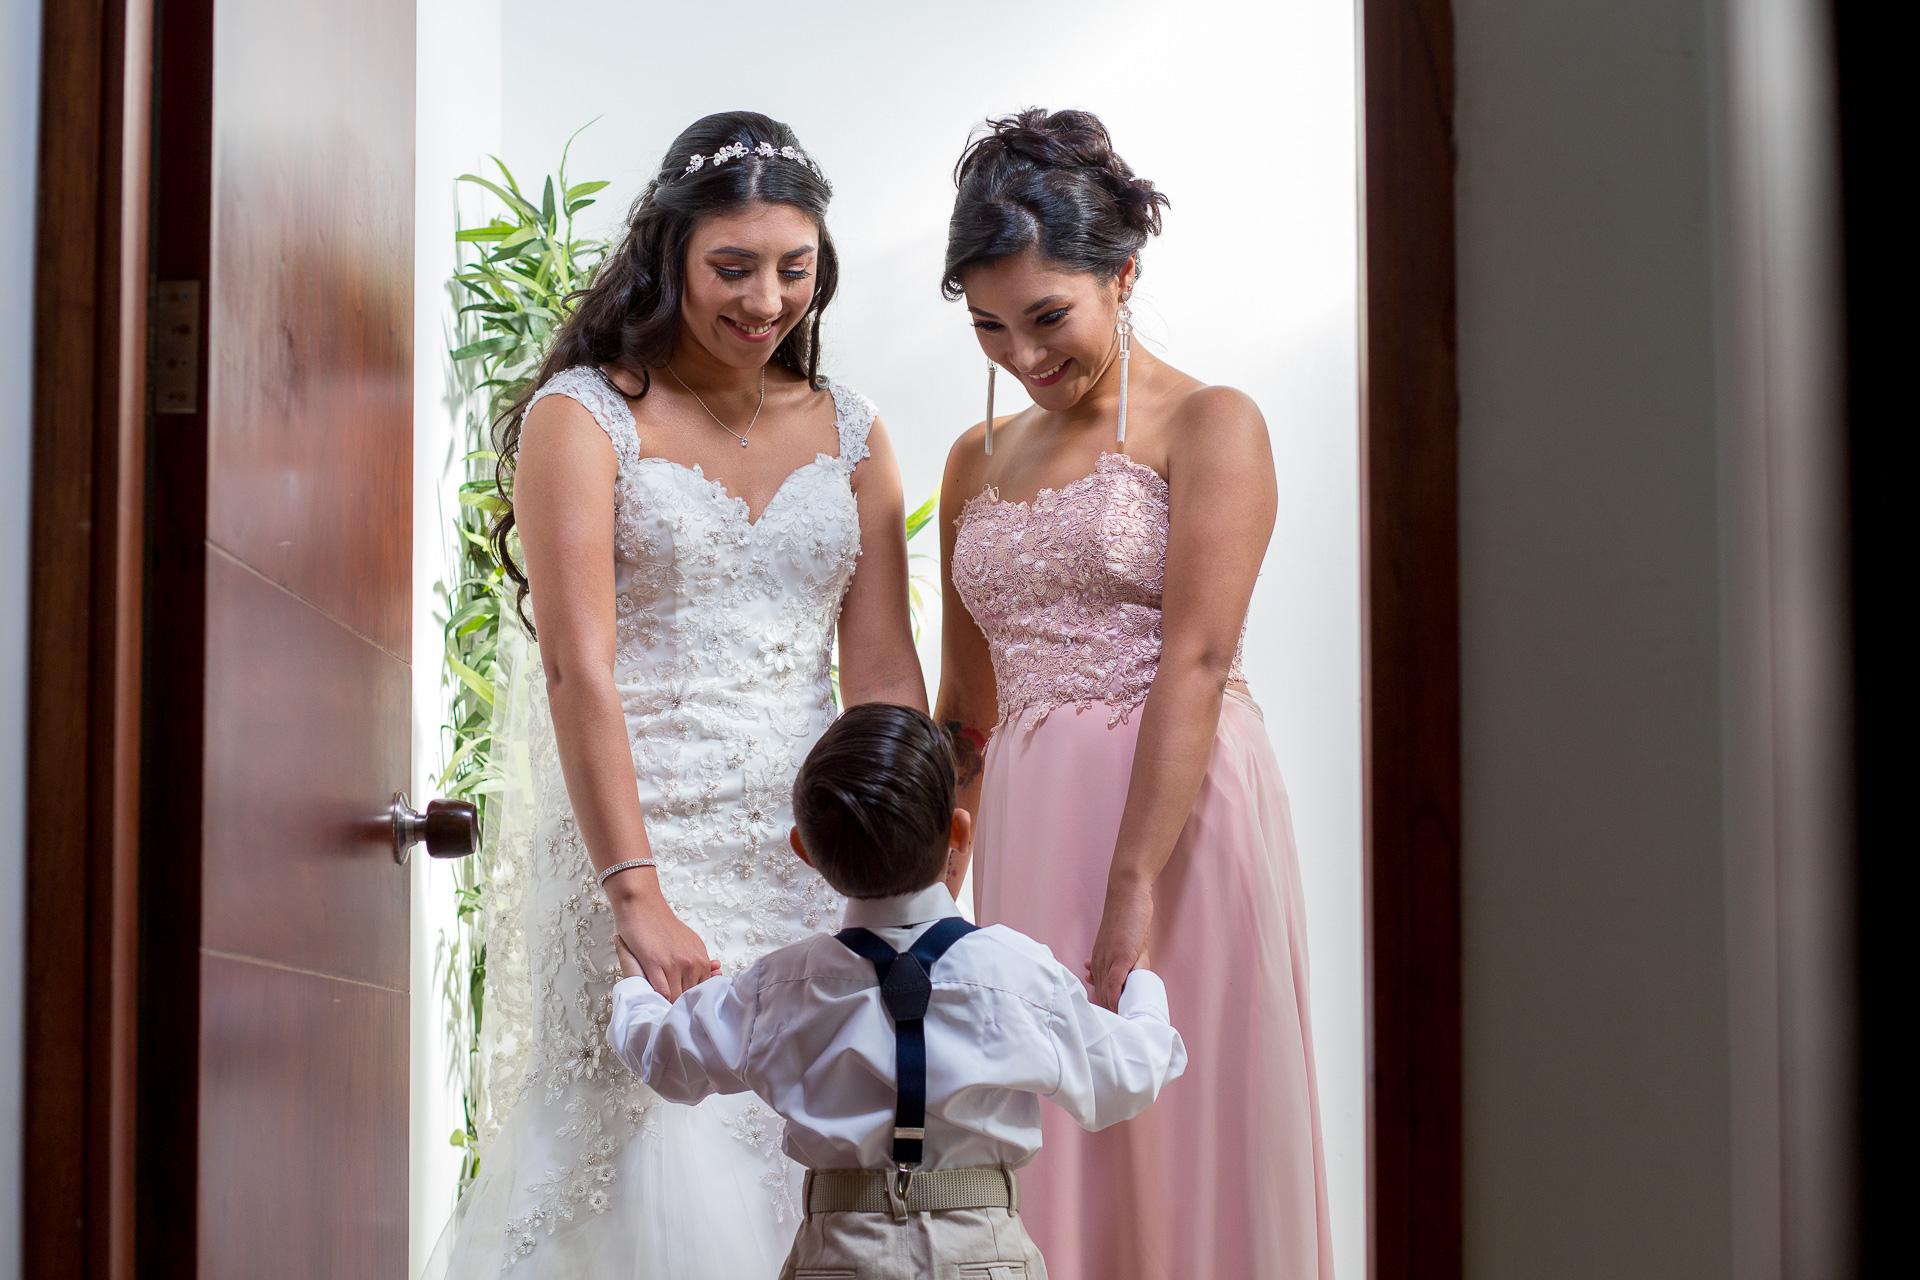 Fotógrafos-de-bodas-en-Colombia-Alejandro-y-Angelica-10 ALEJANDRO + ANGELICA